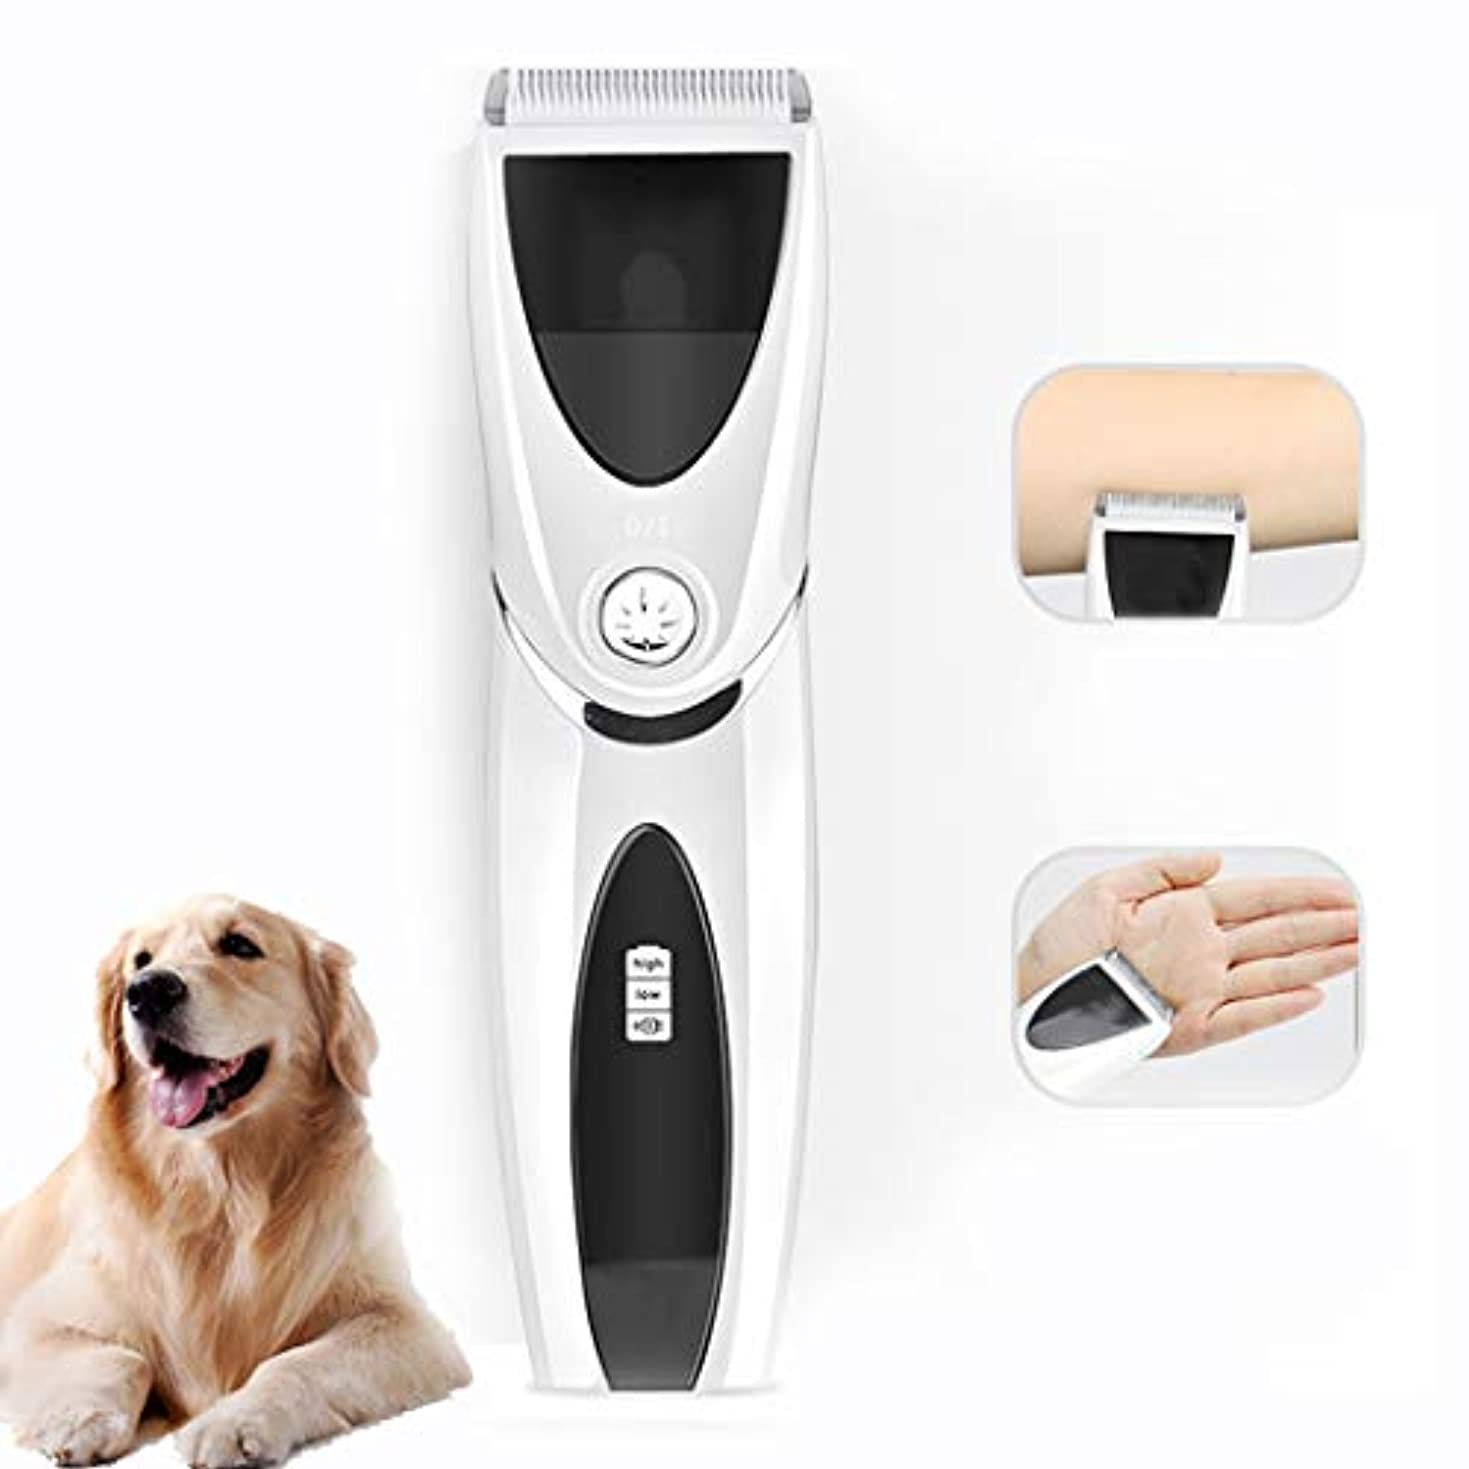 ディベートチョーク噴火犬用バリカン、低雑音犬グルーミングクリッパー充電式コードレスペット毛トリマー、犬猫ペット用最高のバリカン